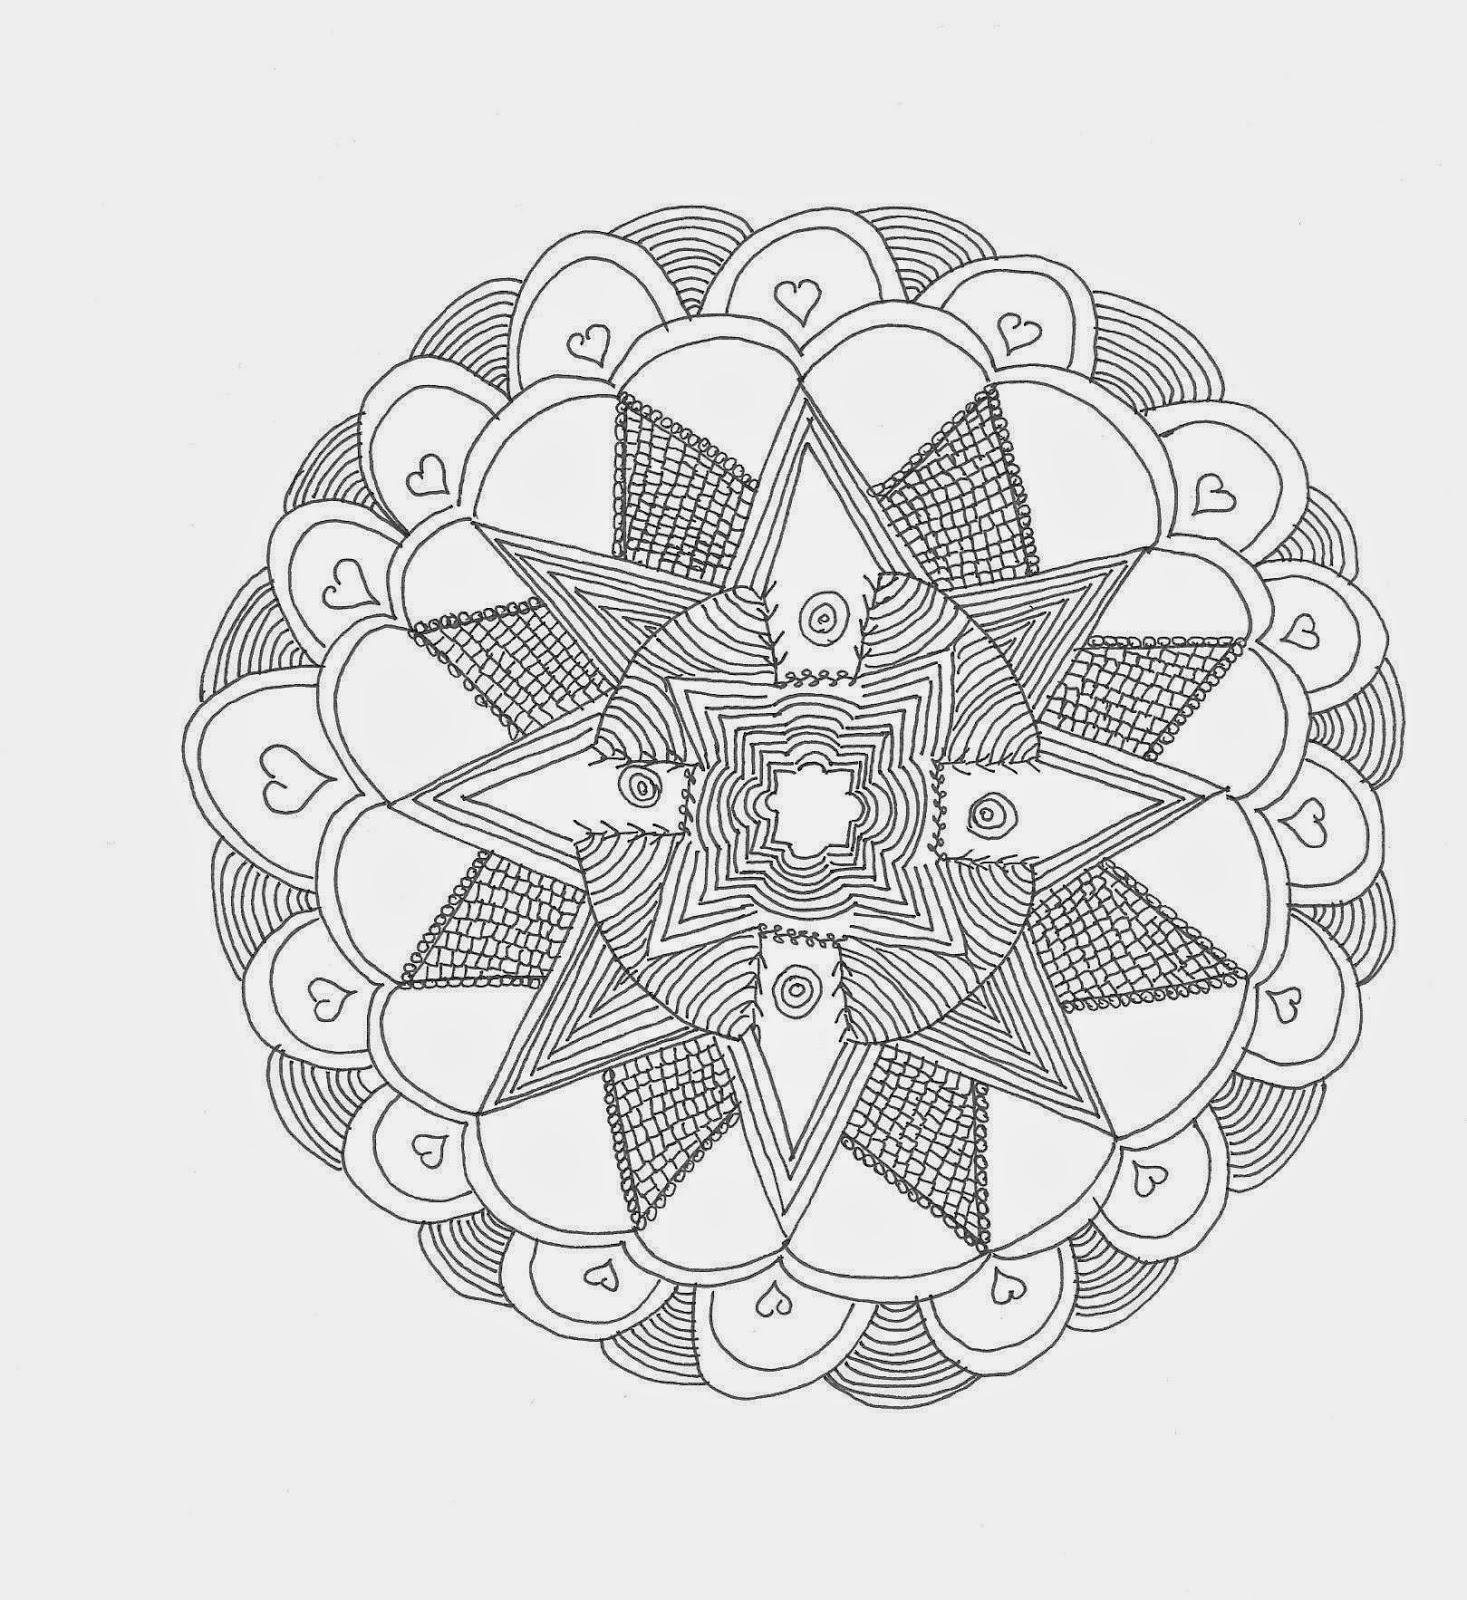 vielfalt oma erz hlt zentangle oder medidatives zeichnen. Black Bedroom Furniture Sets. Home Design Ideas